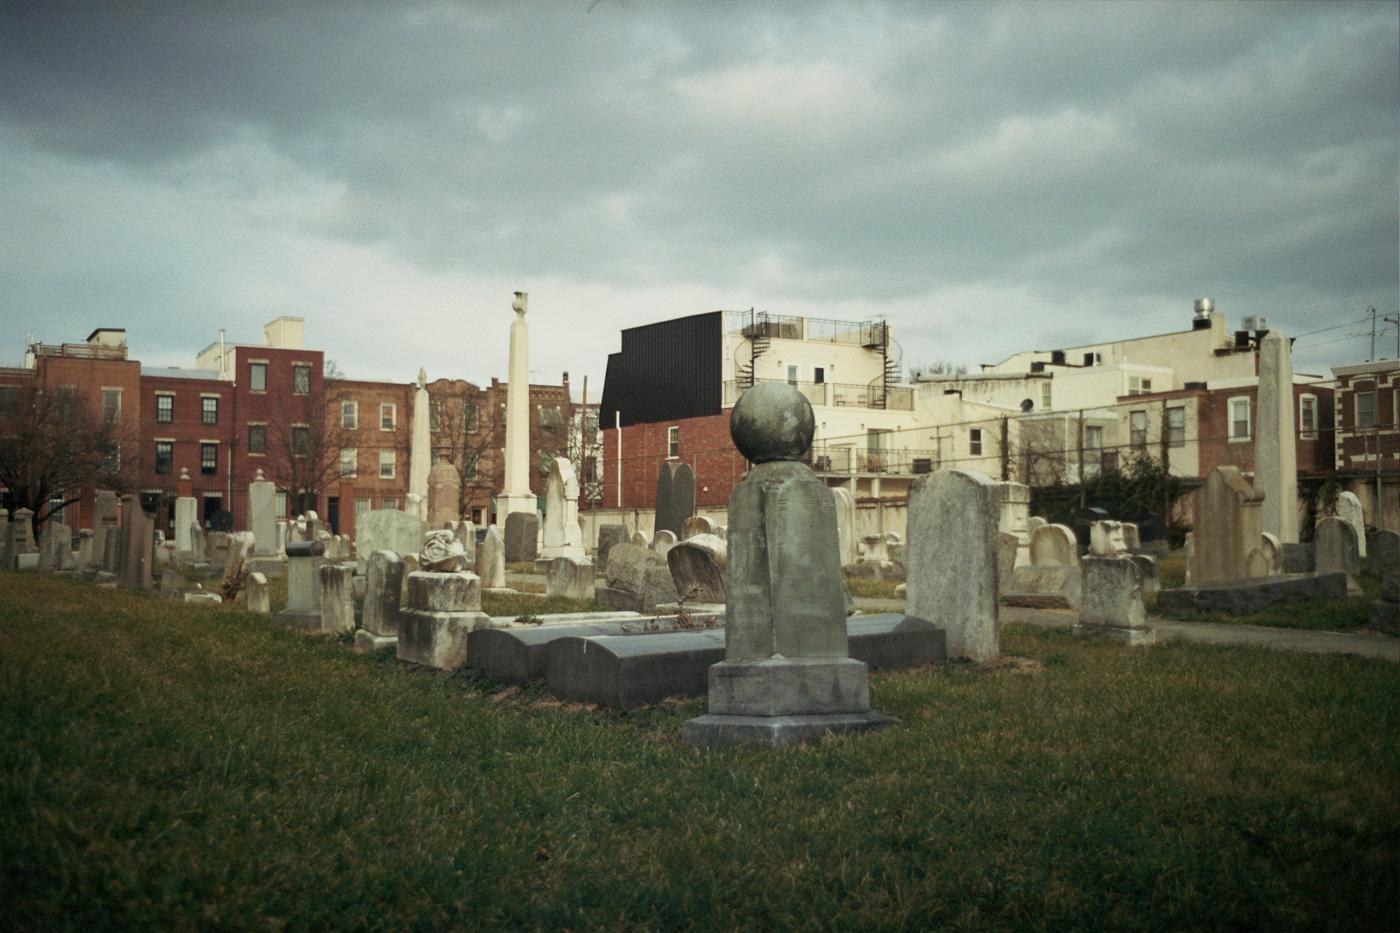 Mikveh Israel Cemetery (Federal Street Burial Ground)